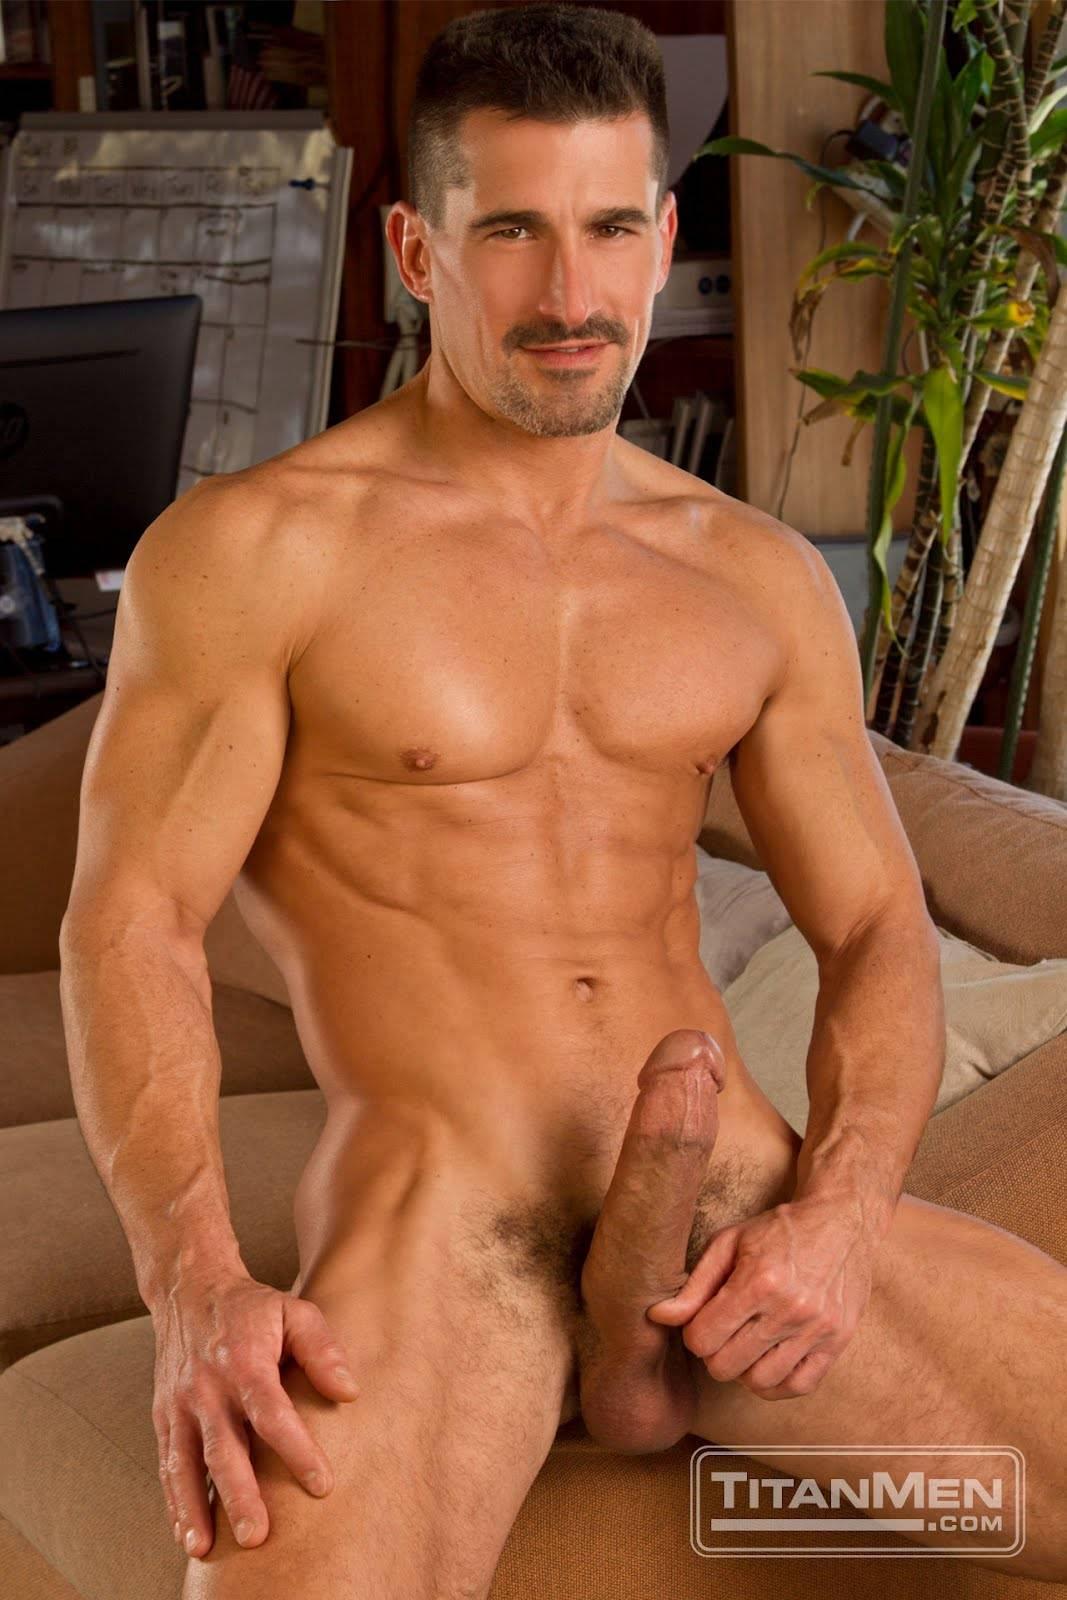 david anthony playgirl